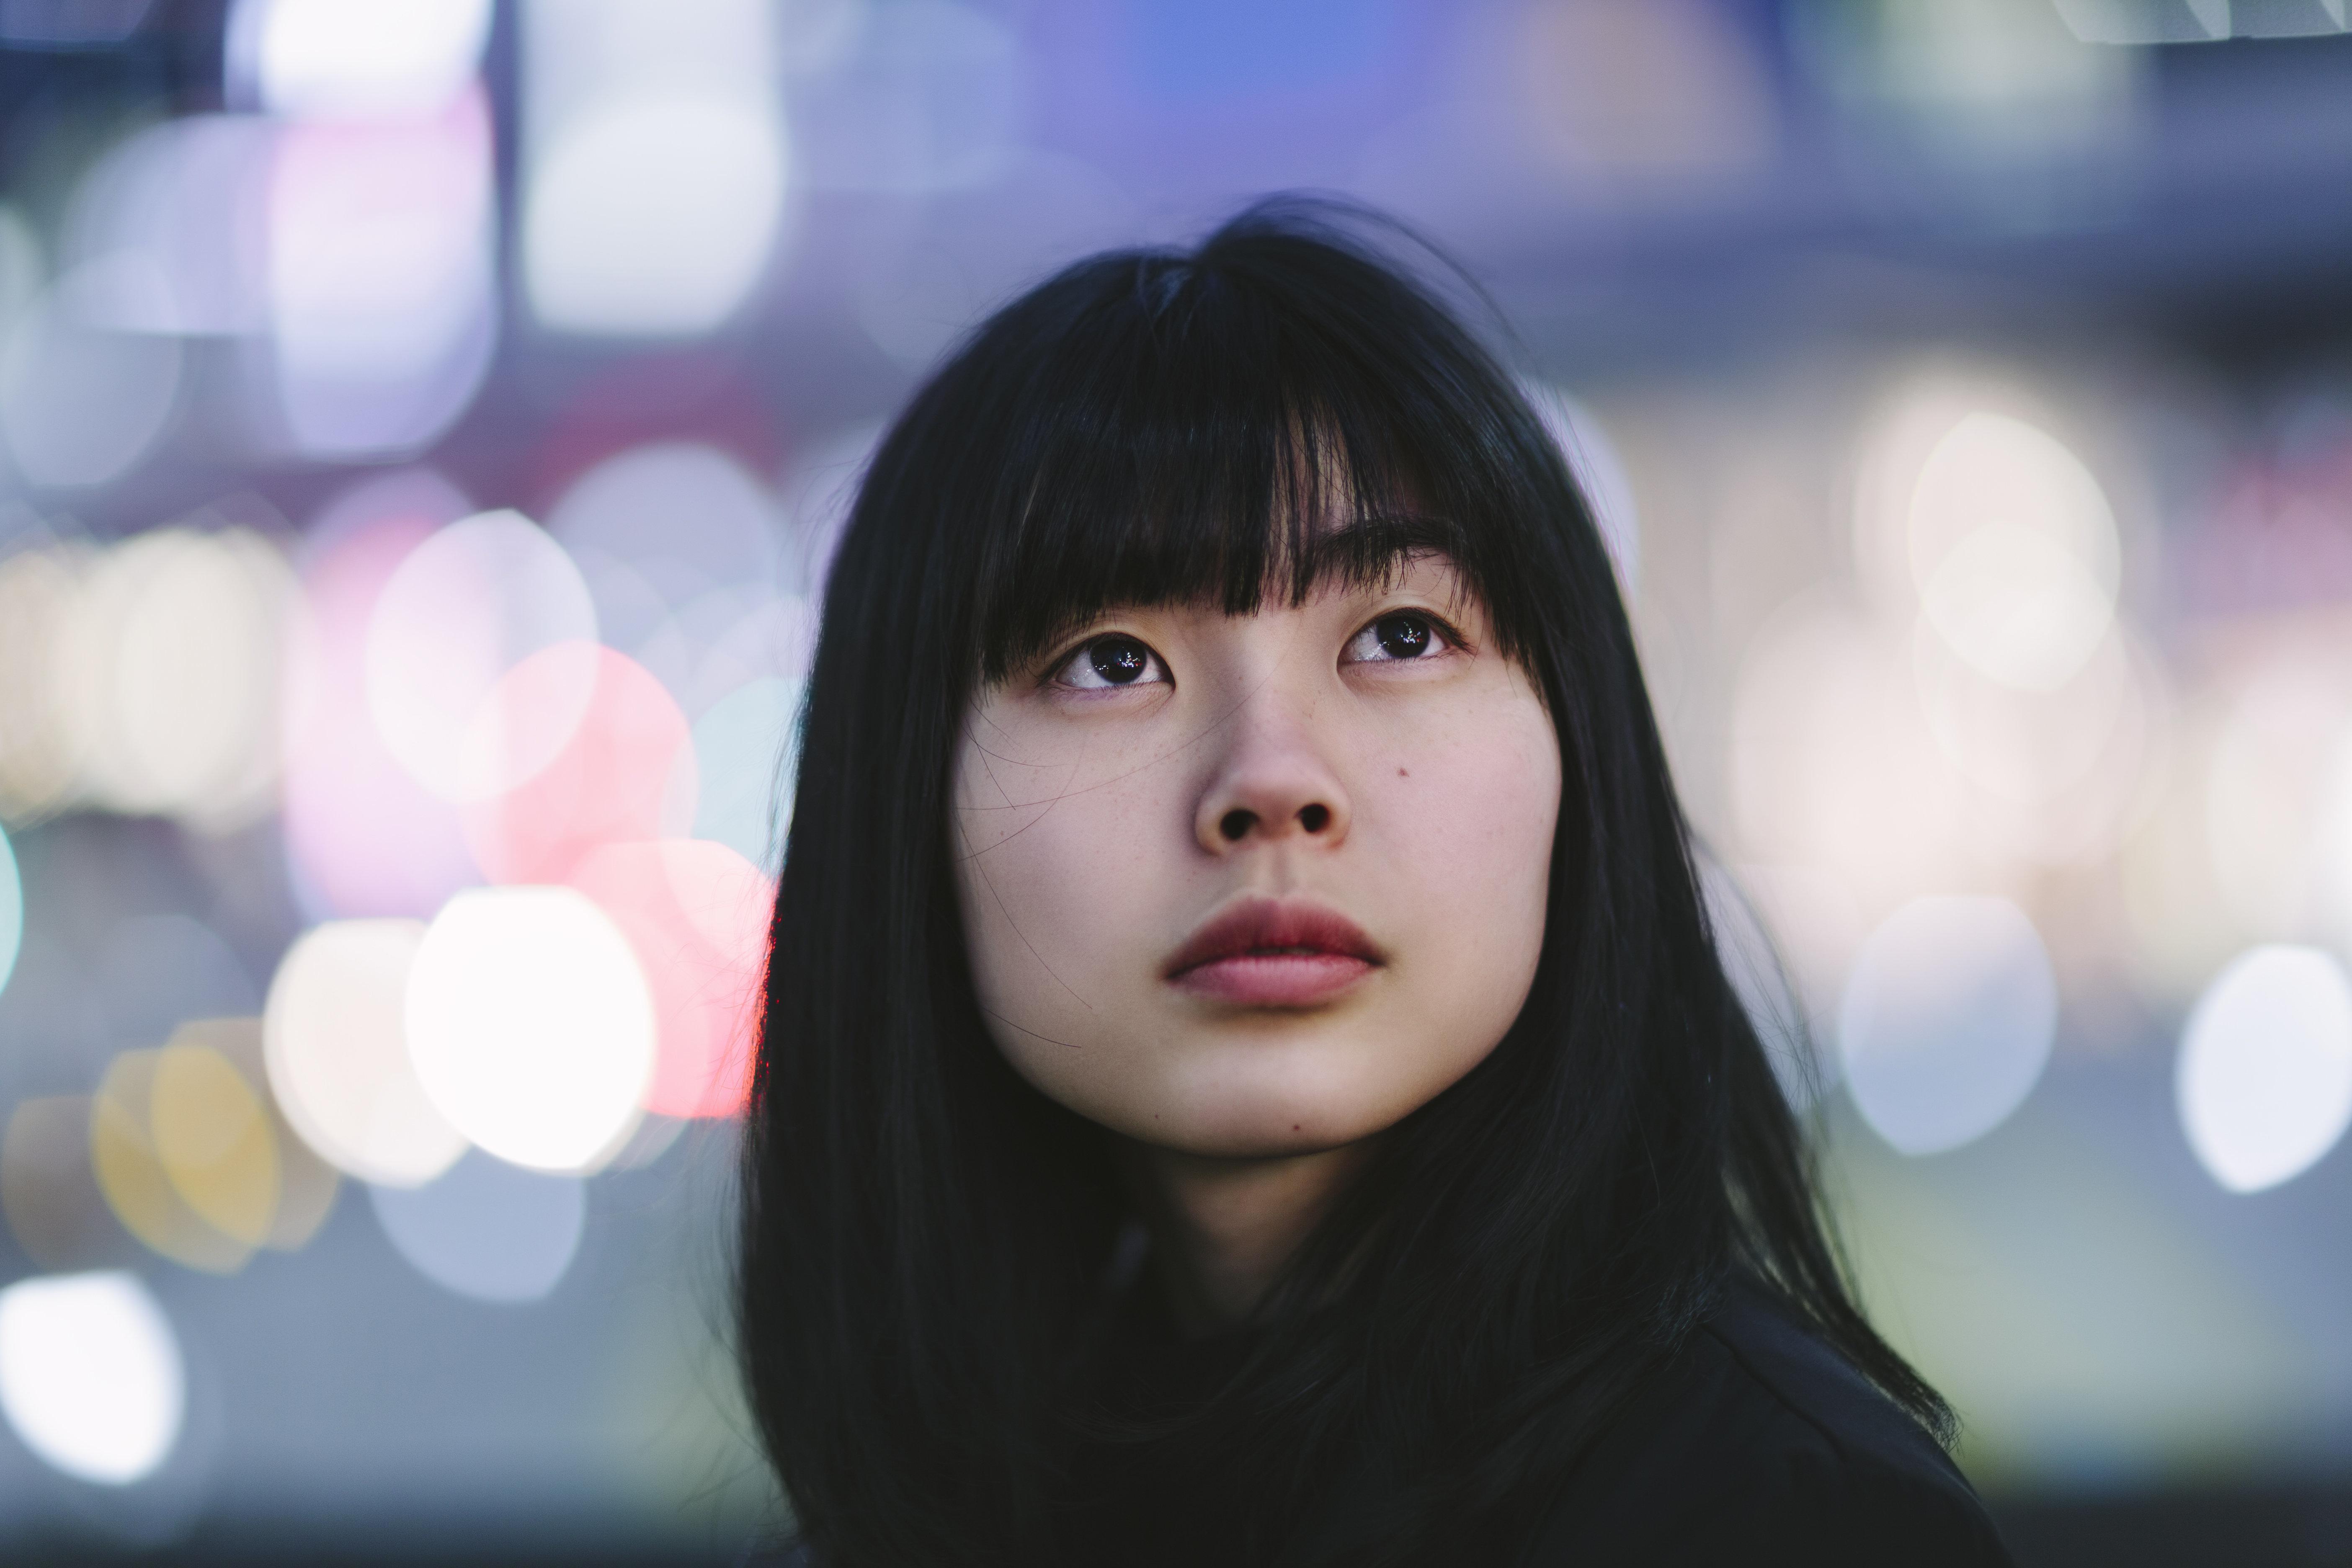 도쿄의대에 두번 떨어진 여성의 편지